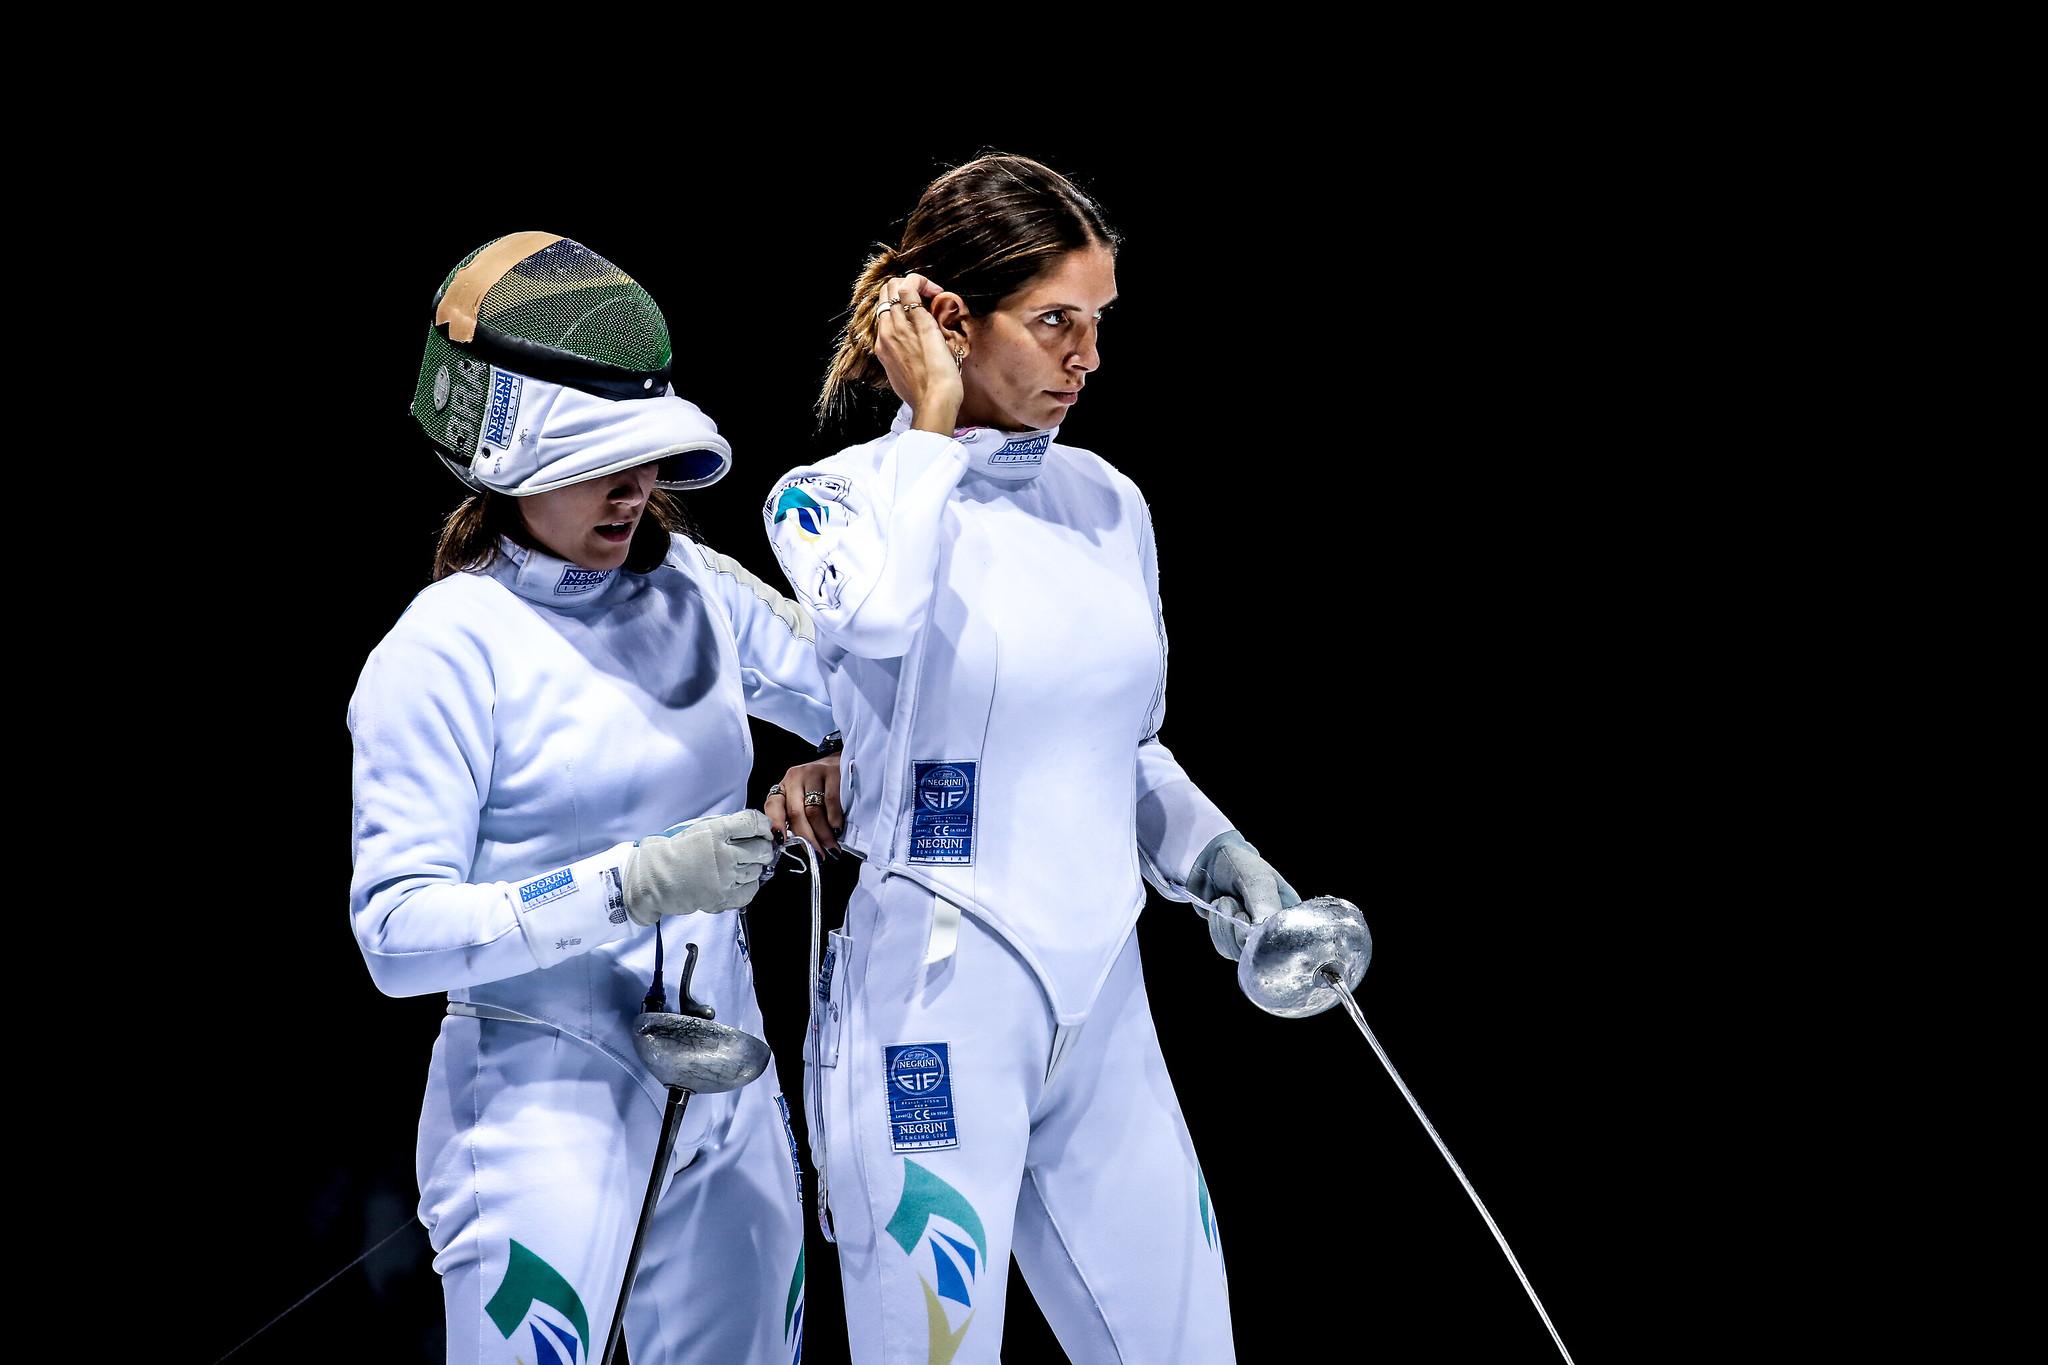 Nathalie se considera na melhor forma física e técnica possível. Foto: Pedro Ramos/ rededoesporte.gov.br